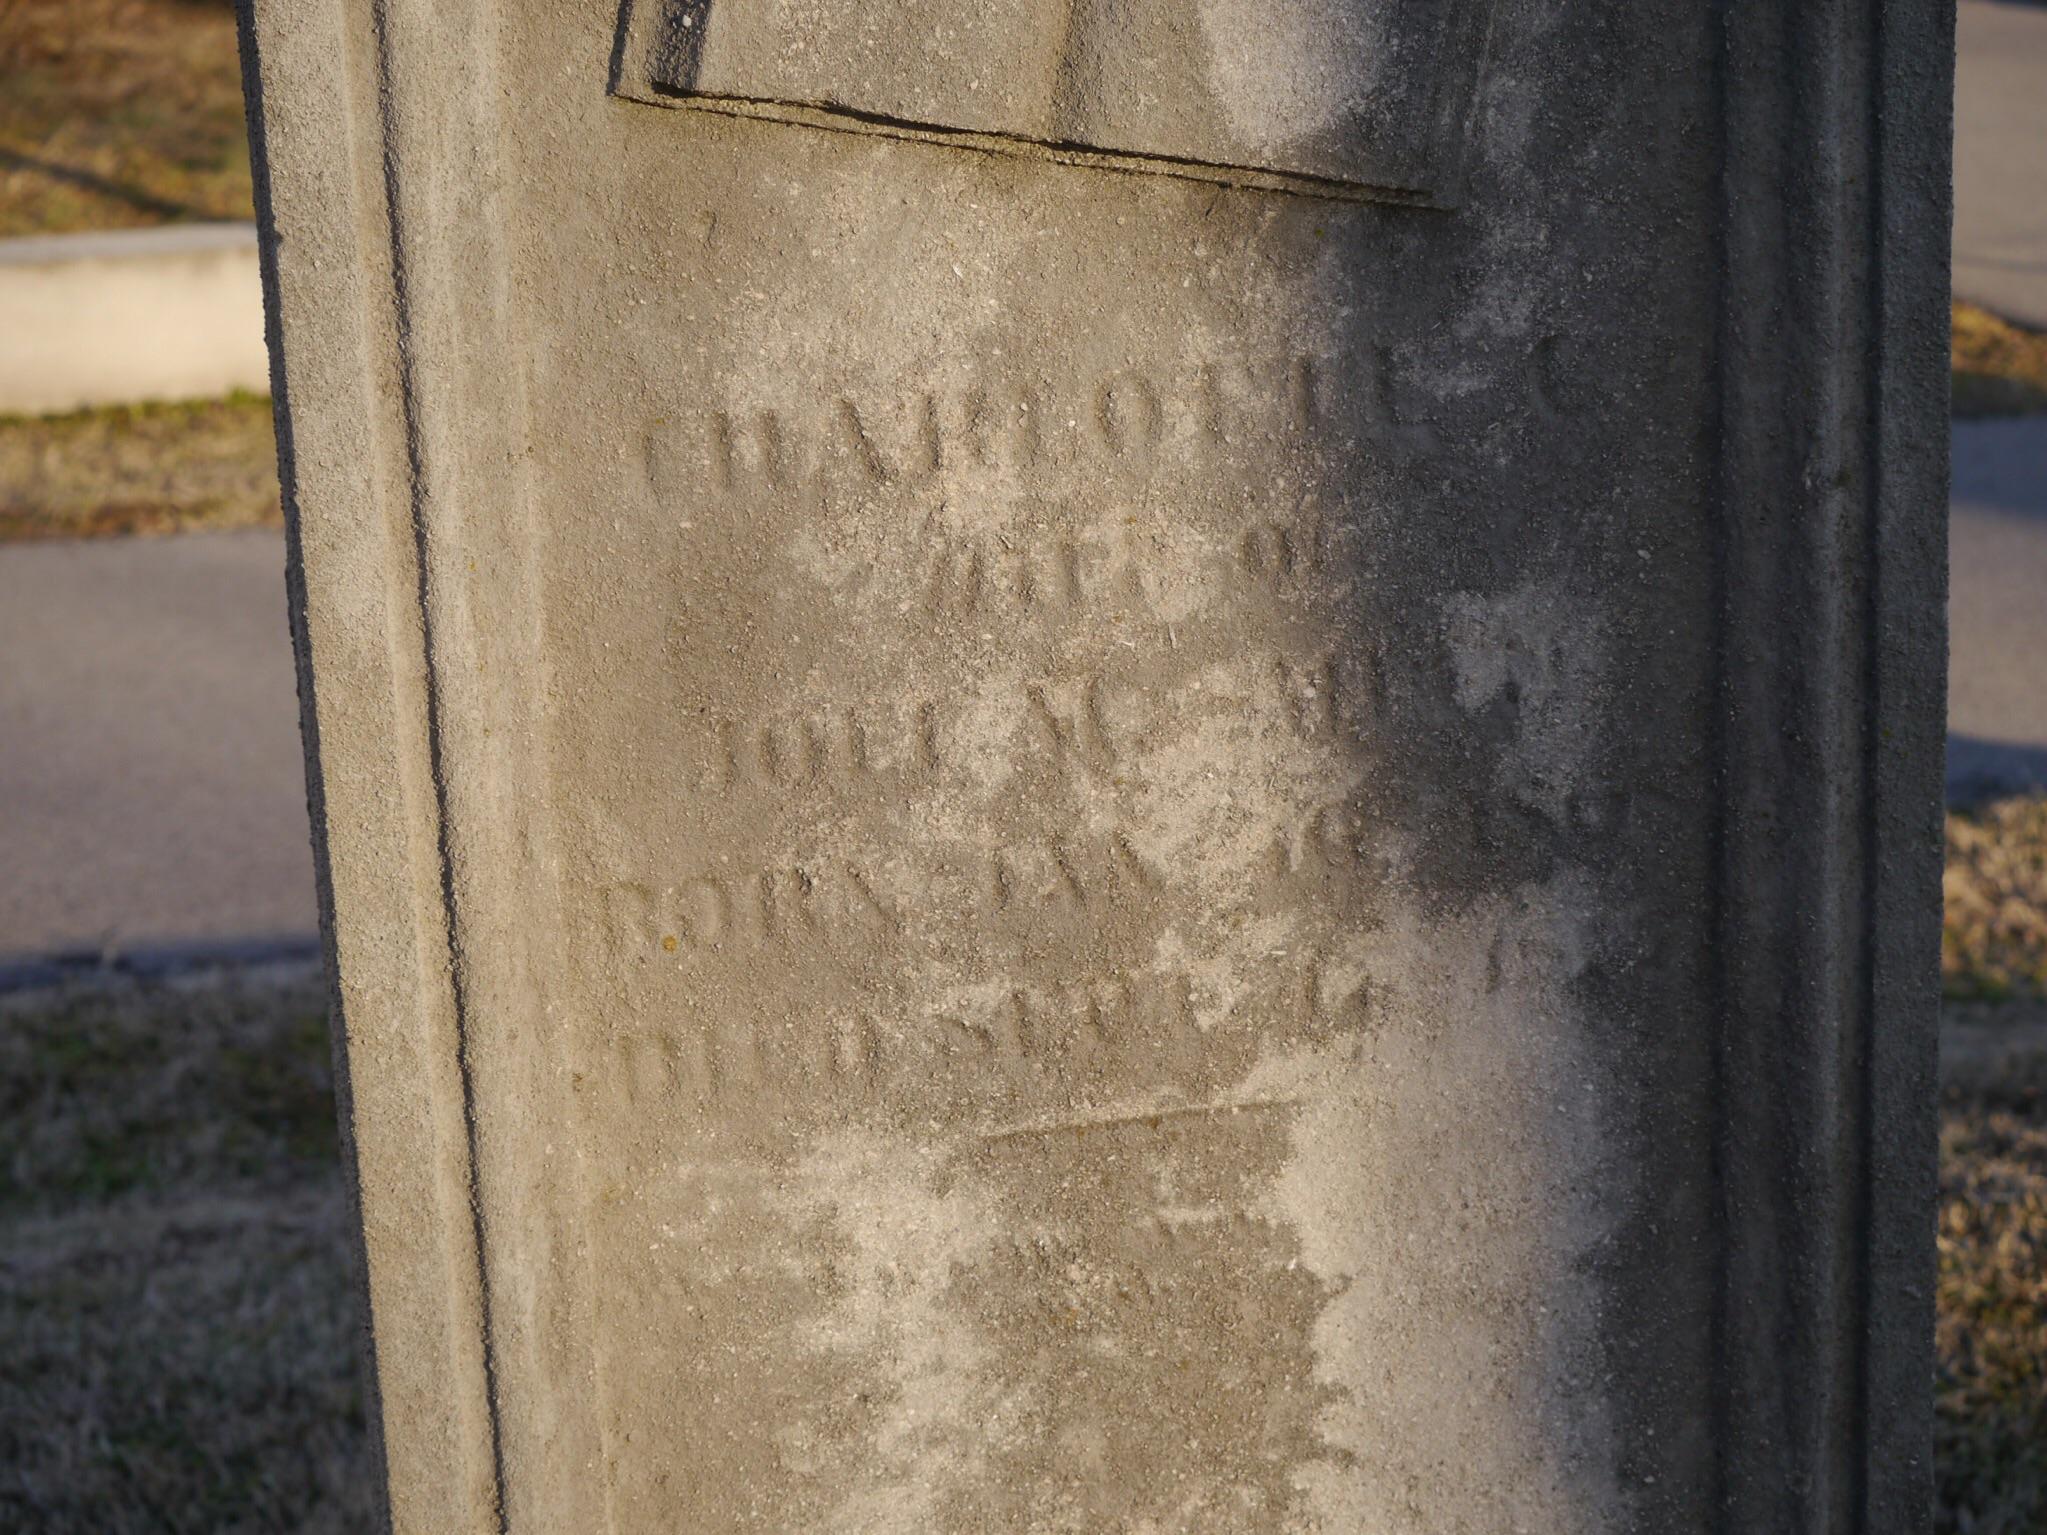 Joel M. Smith